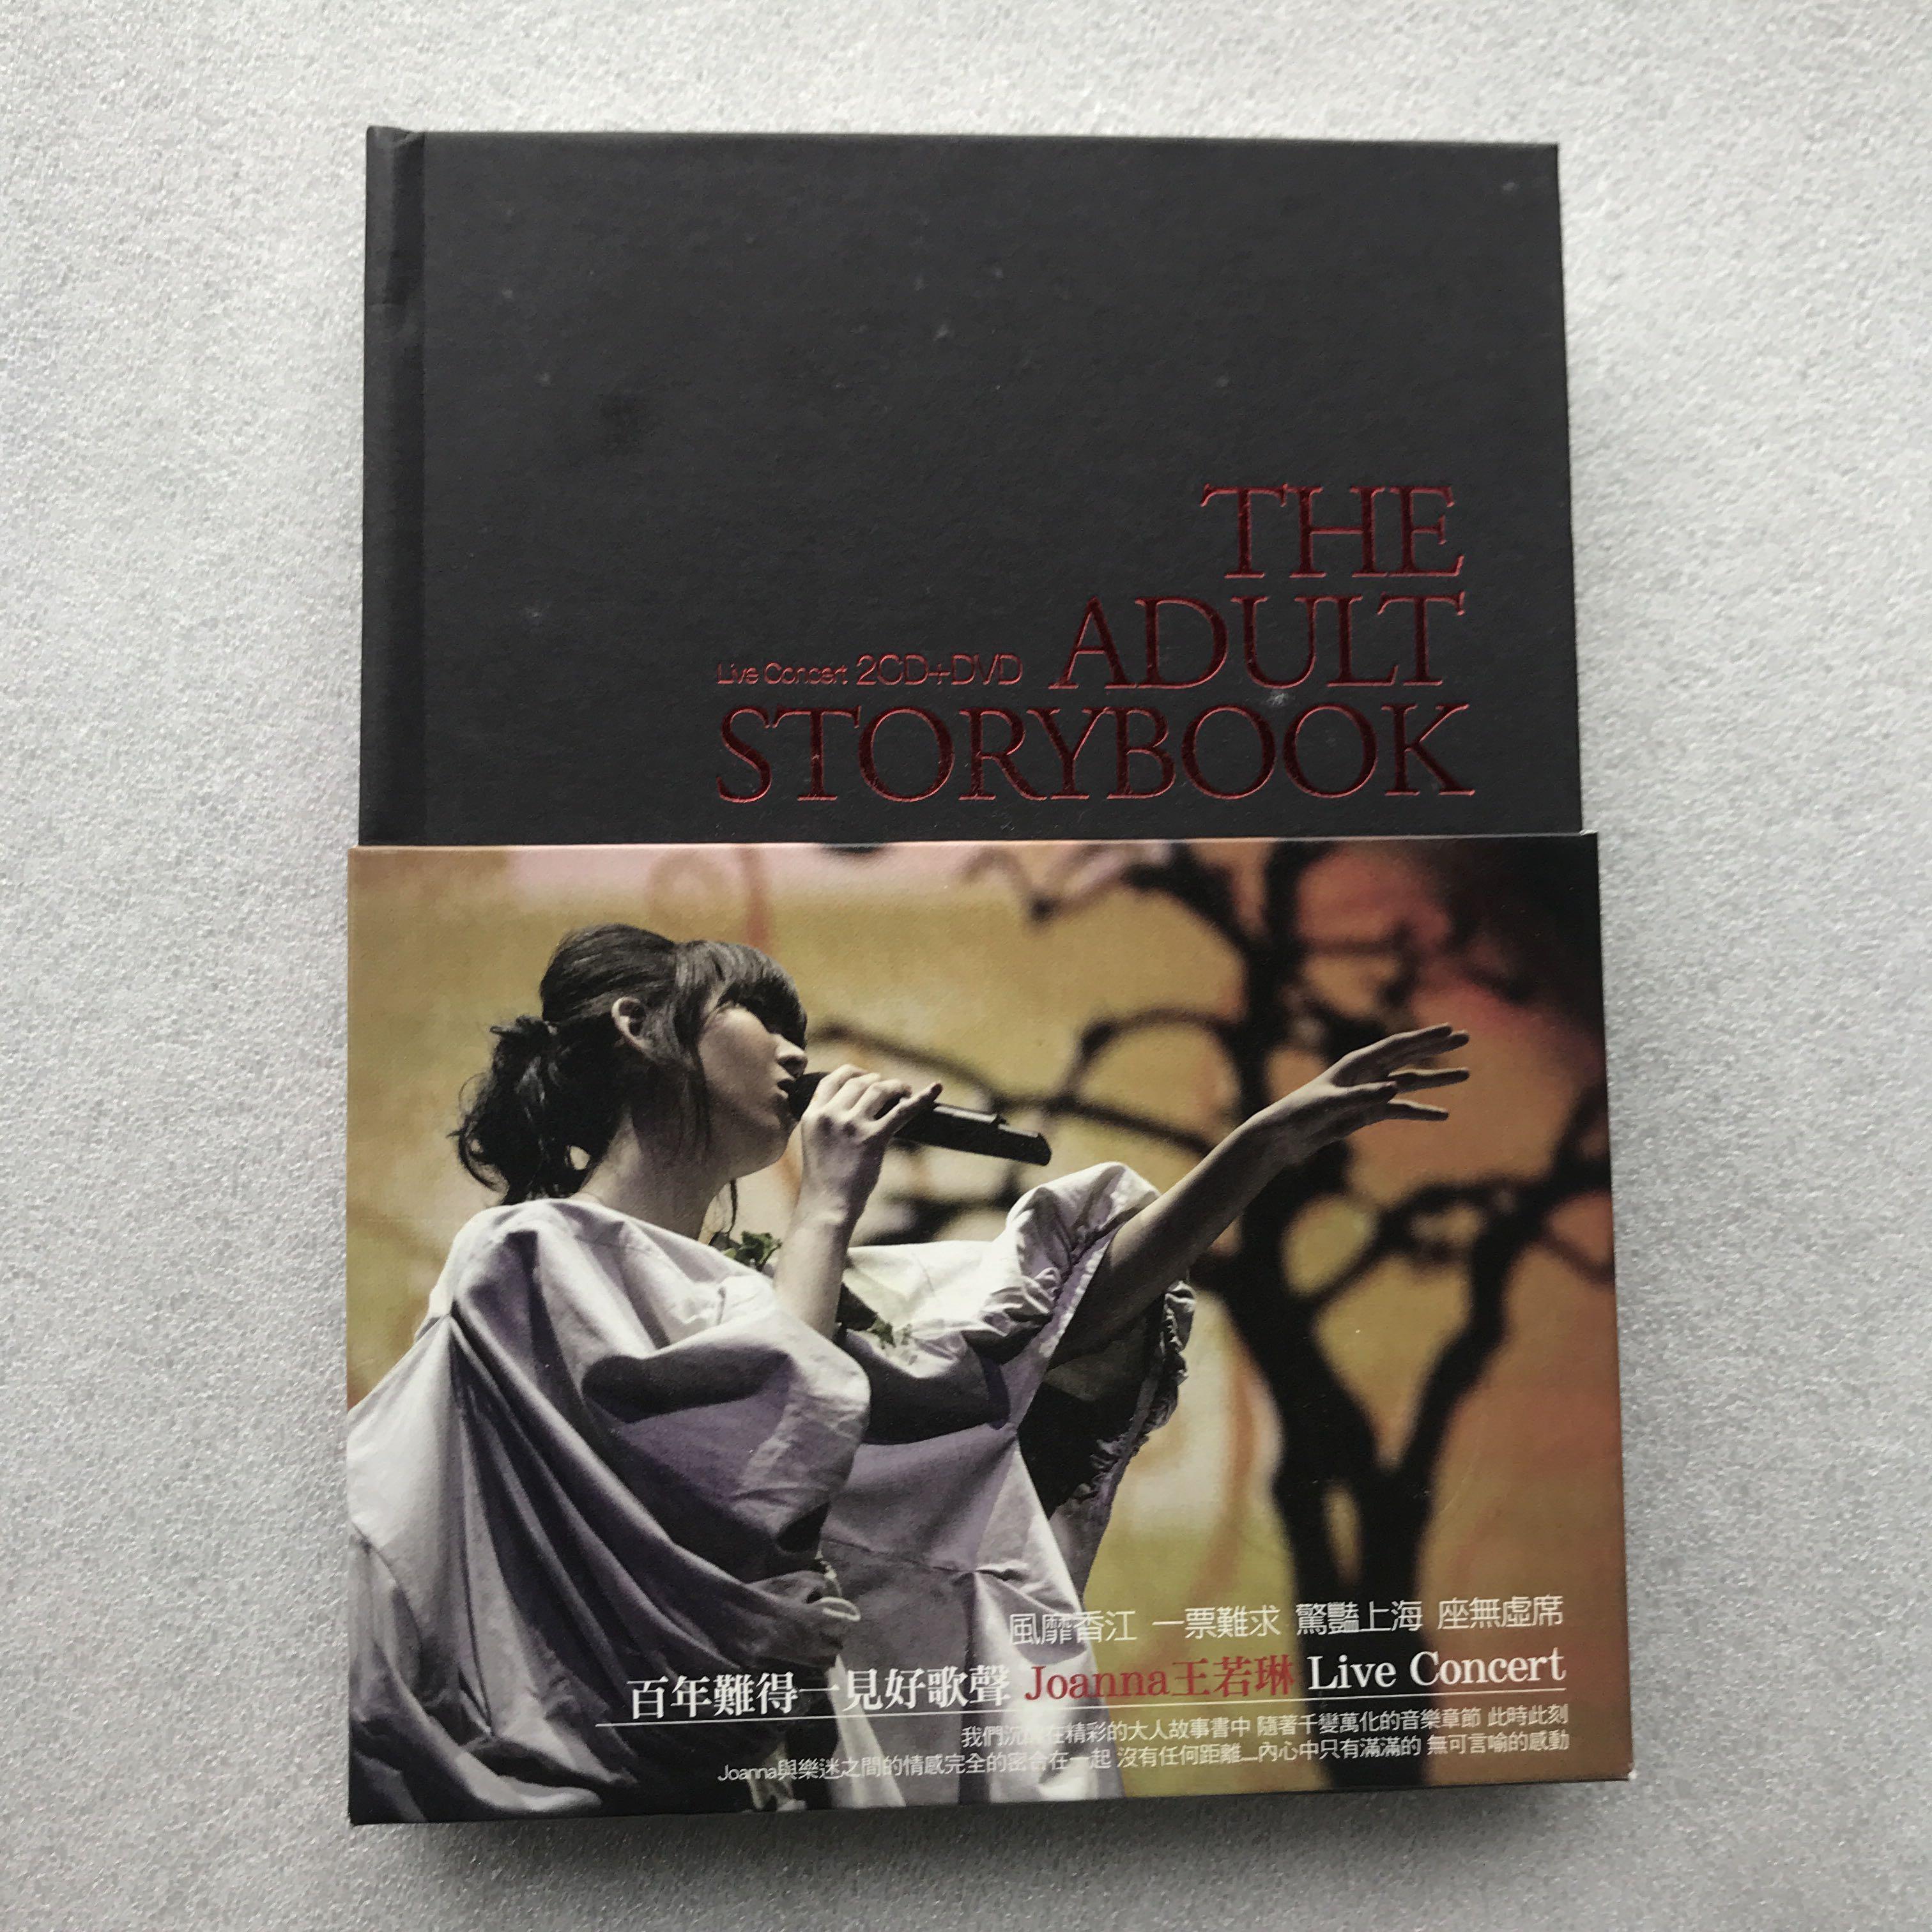 王若琳/ 大人故事書亞洲巡迴演唱會影音全紀錄 (DVD+2CD) 2010